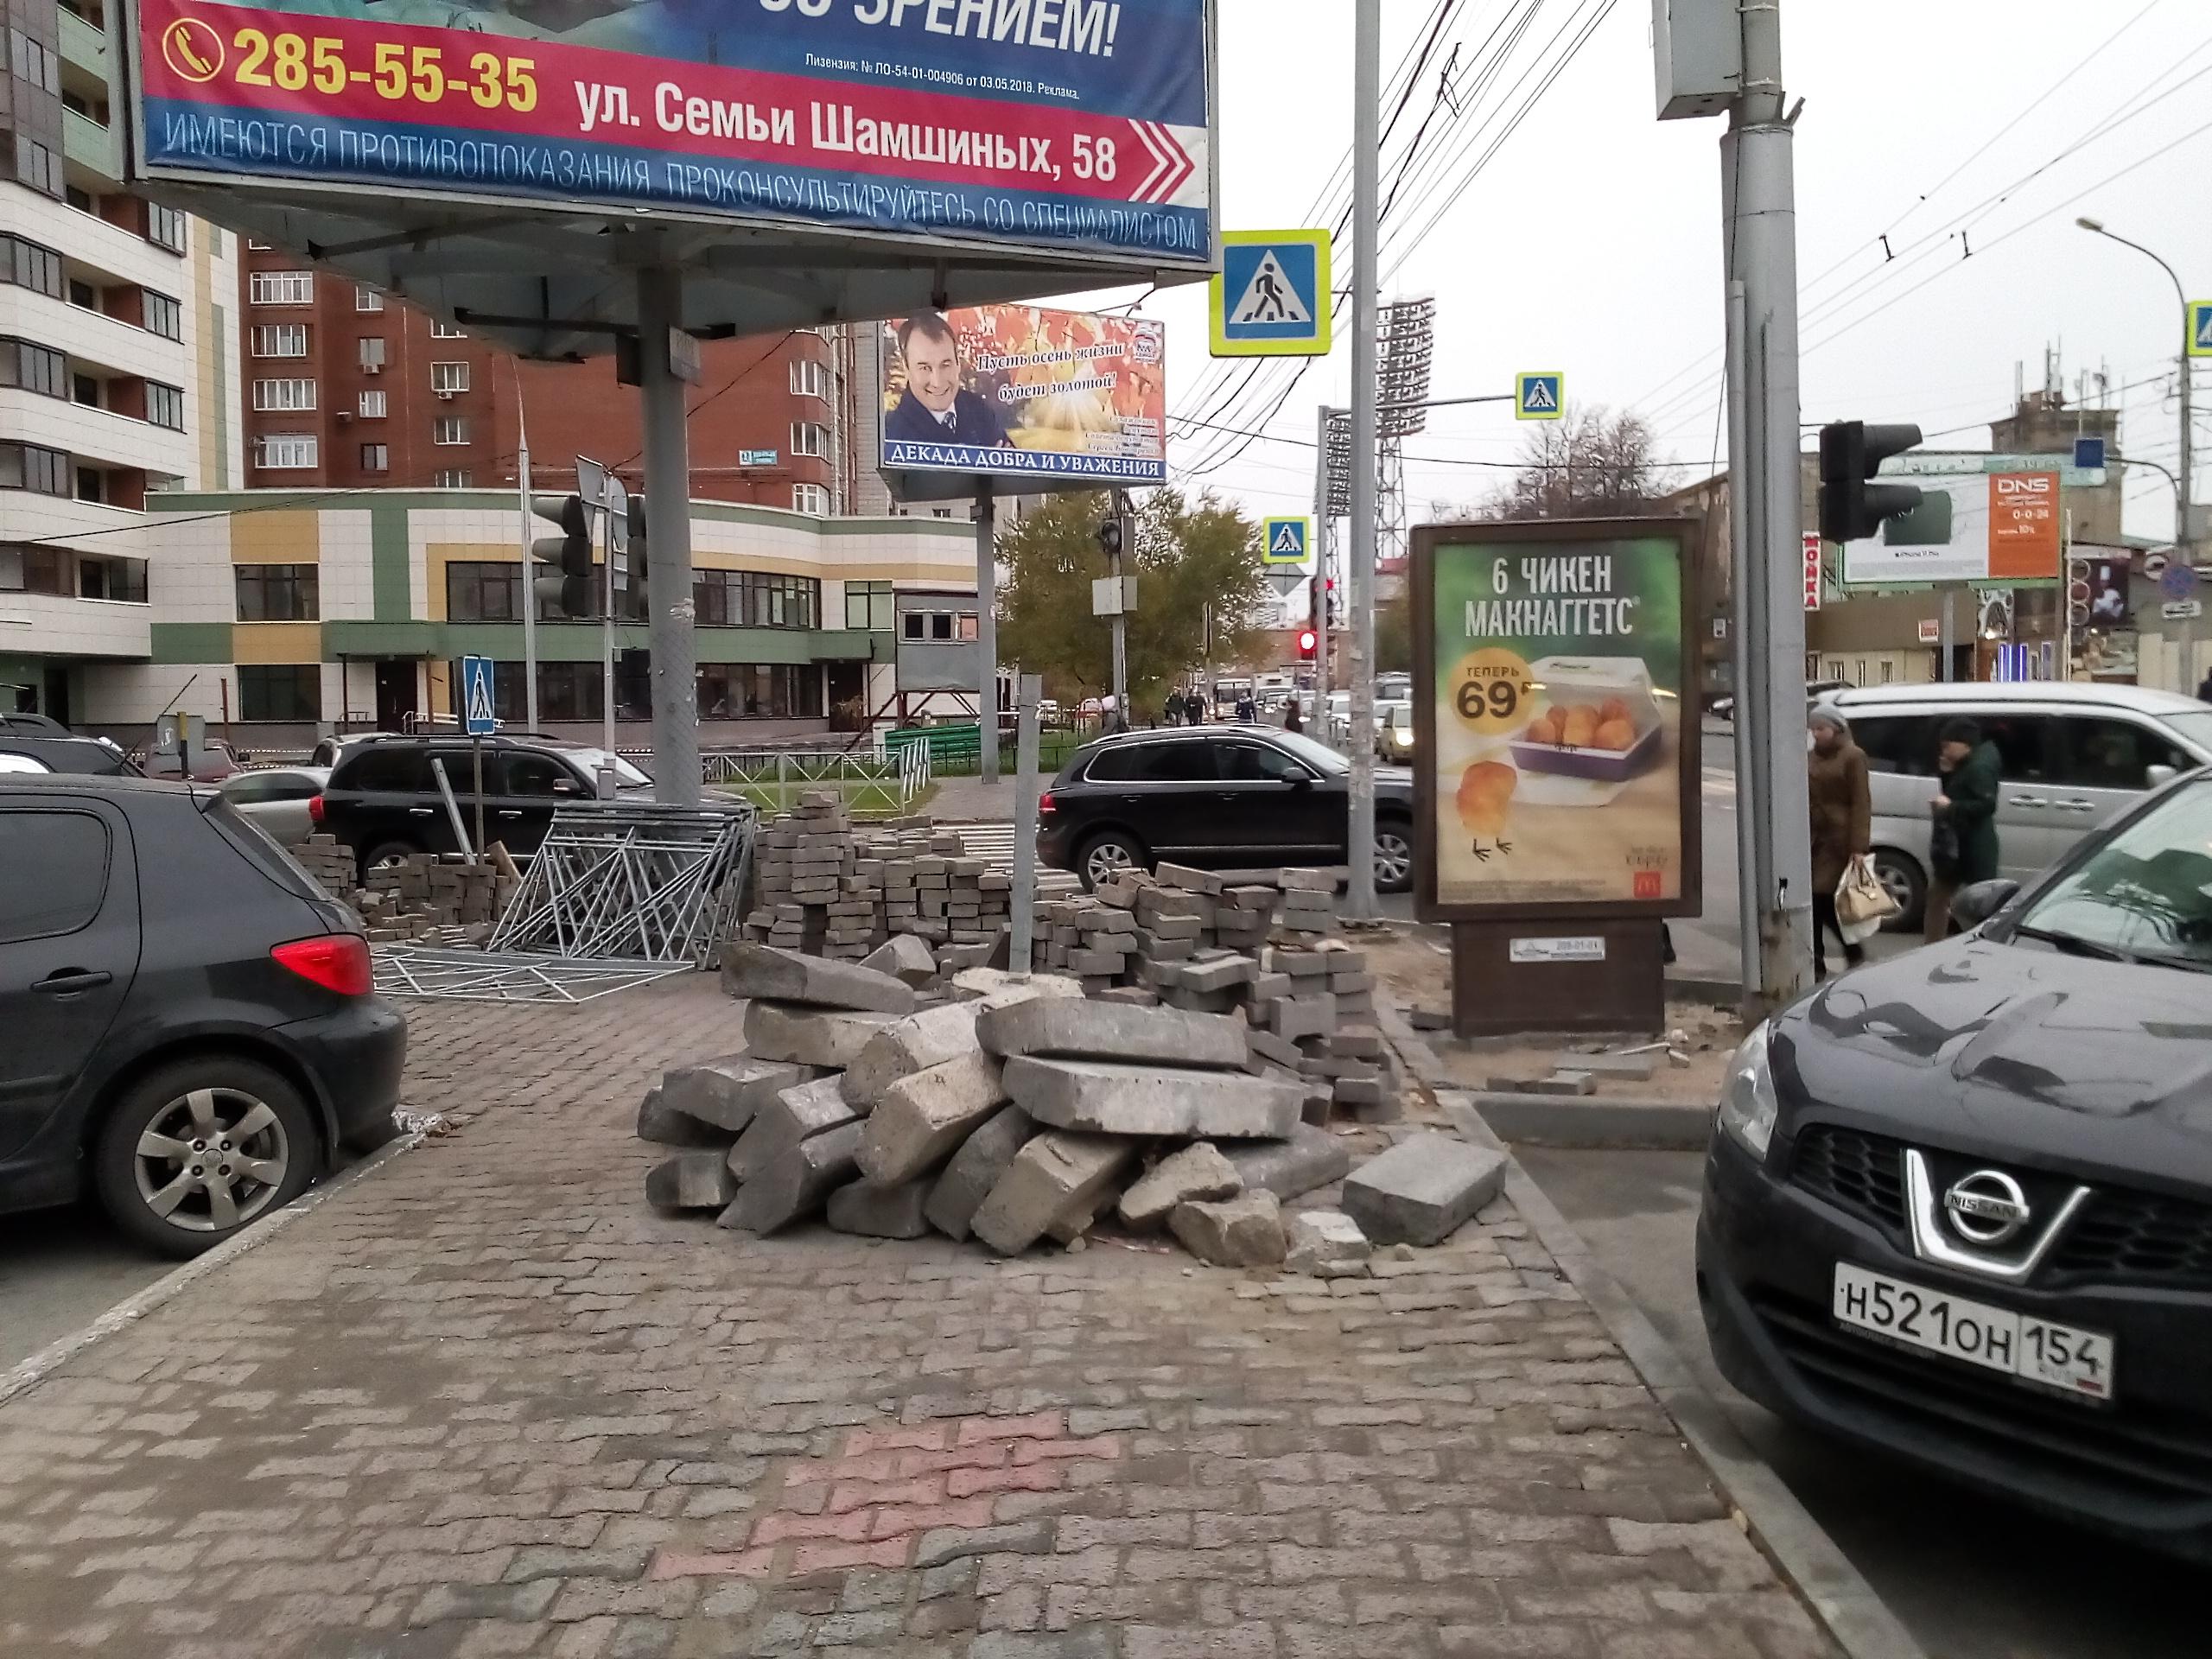 На тротуаре лежит не только плитка, но и старые поребрики